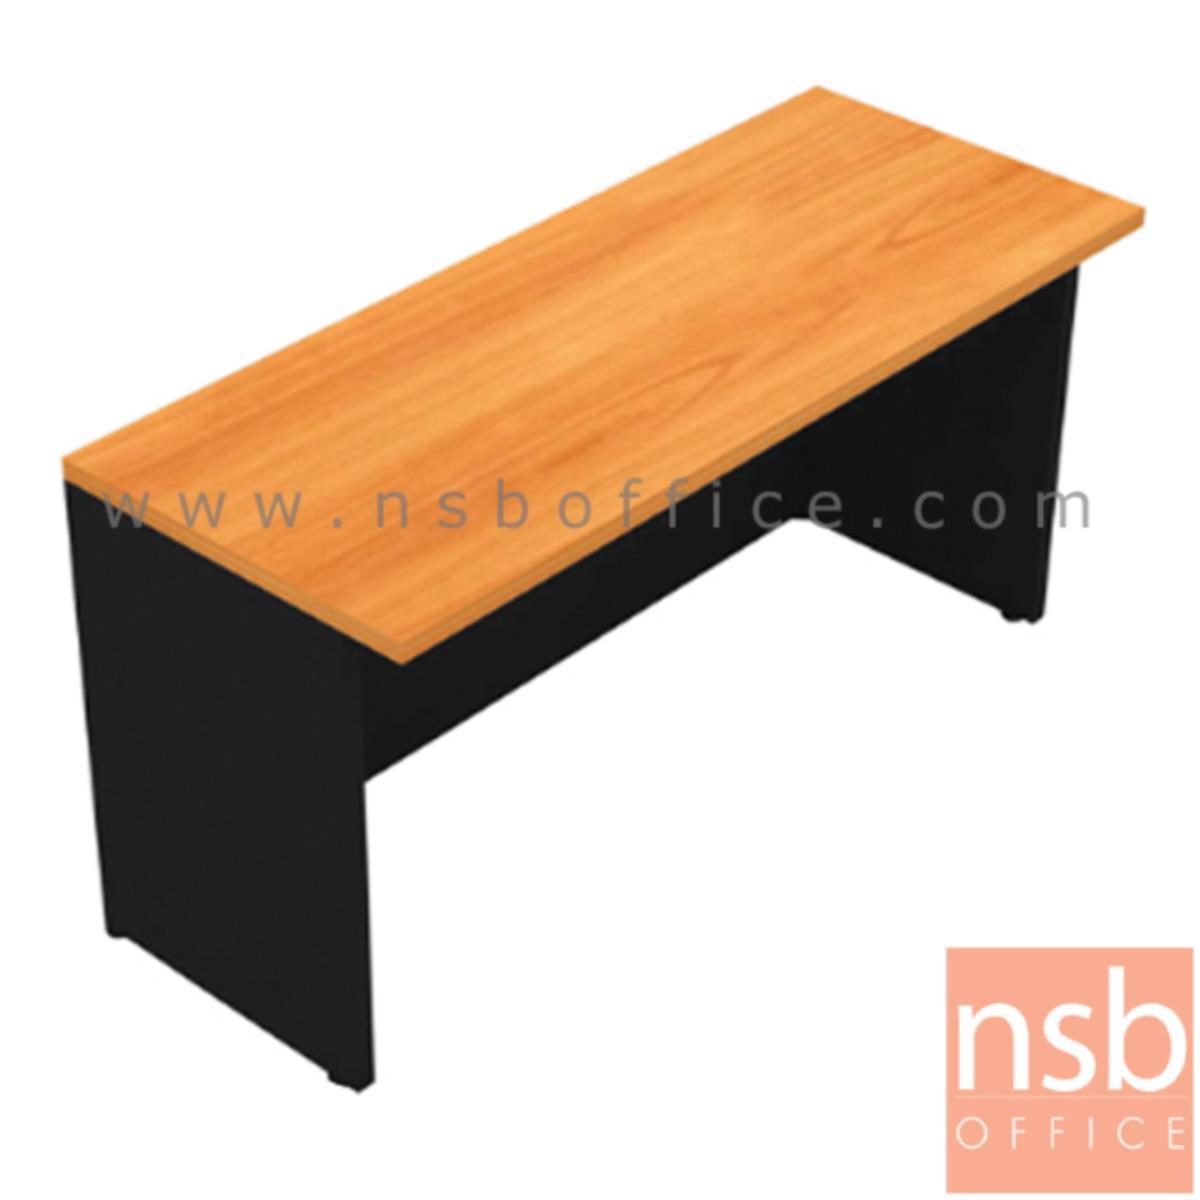 A05A046:โต๊ะประชุมตรง รุ่น Beltran ขนาด 80W ,150W ,180W cm. เมลามีน สีเชอร์รี่ดำ